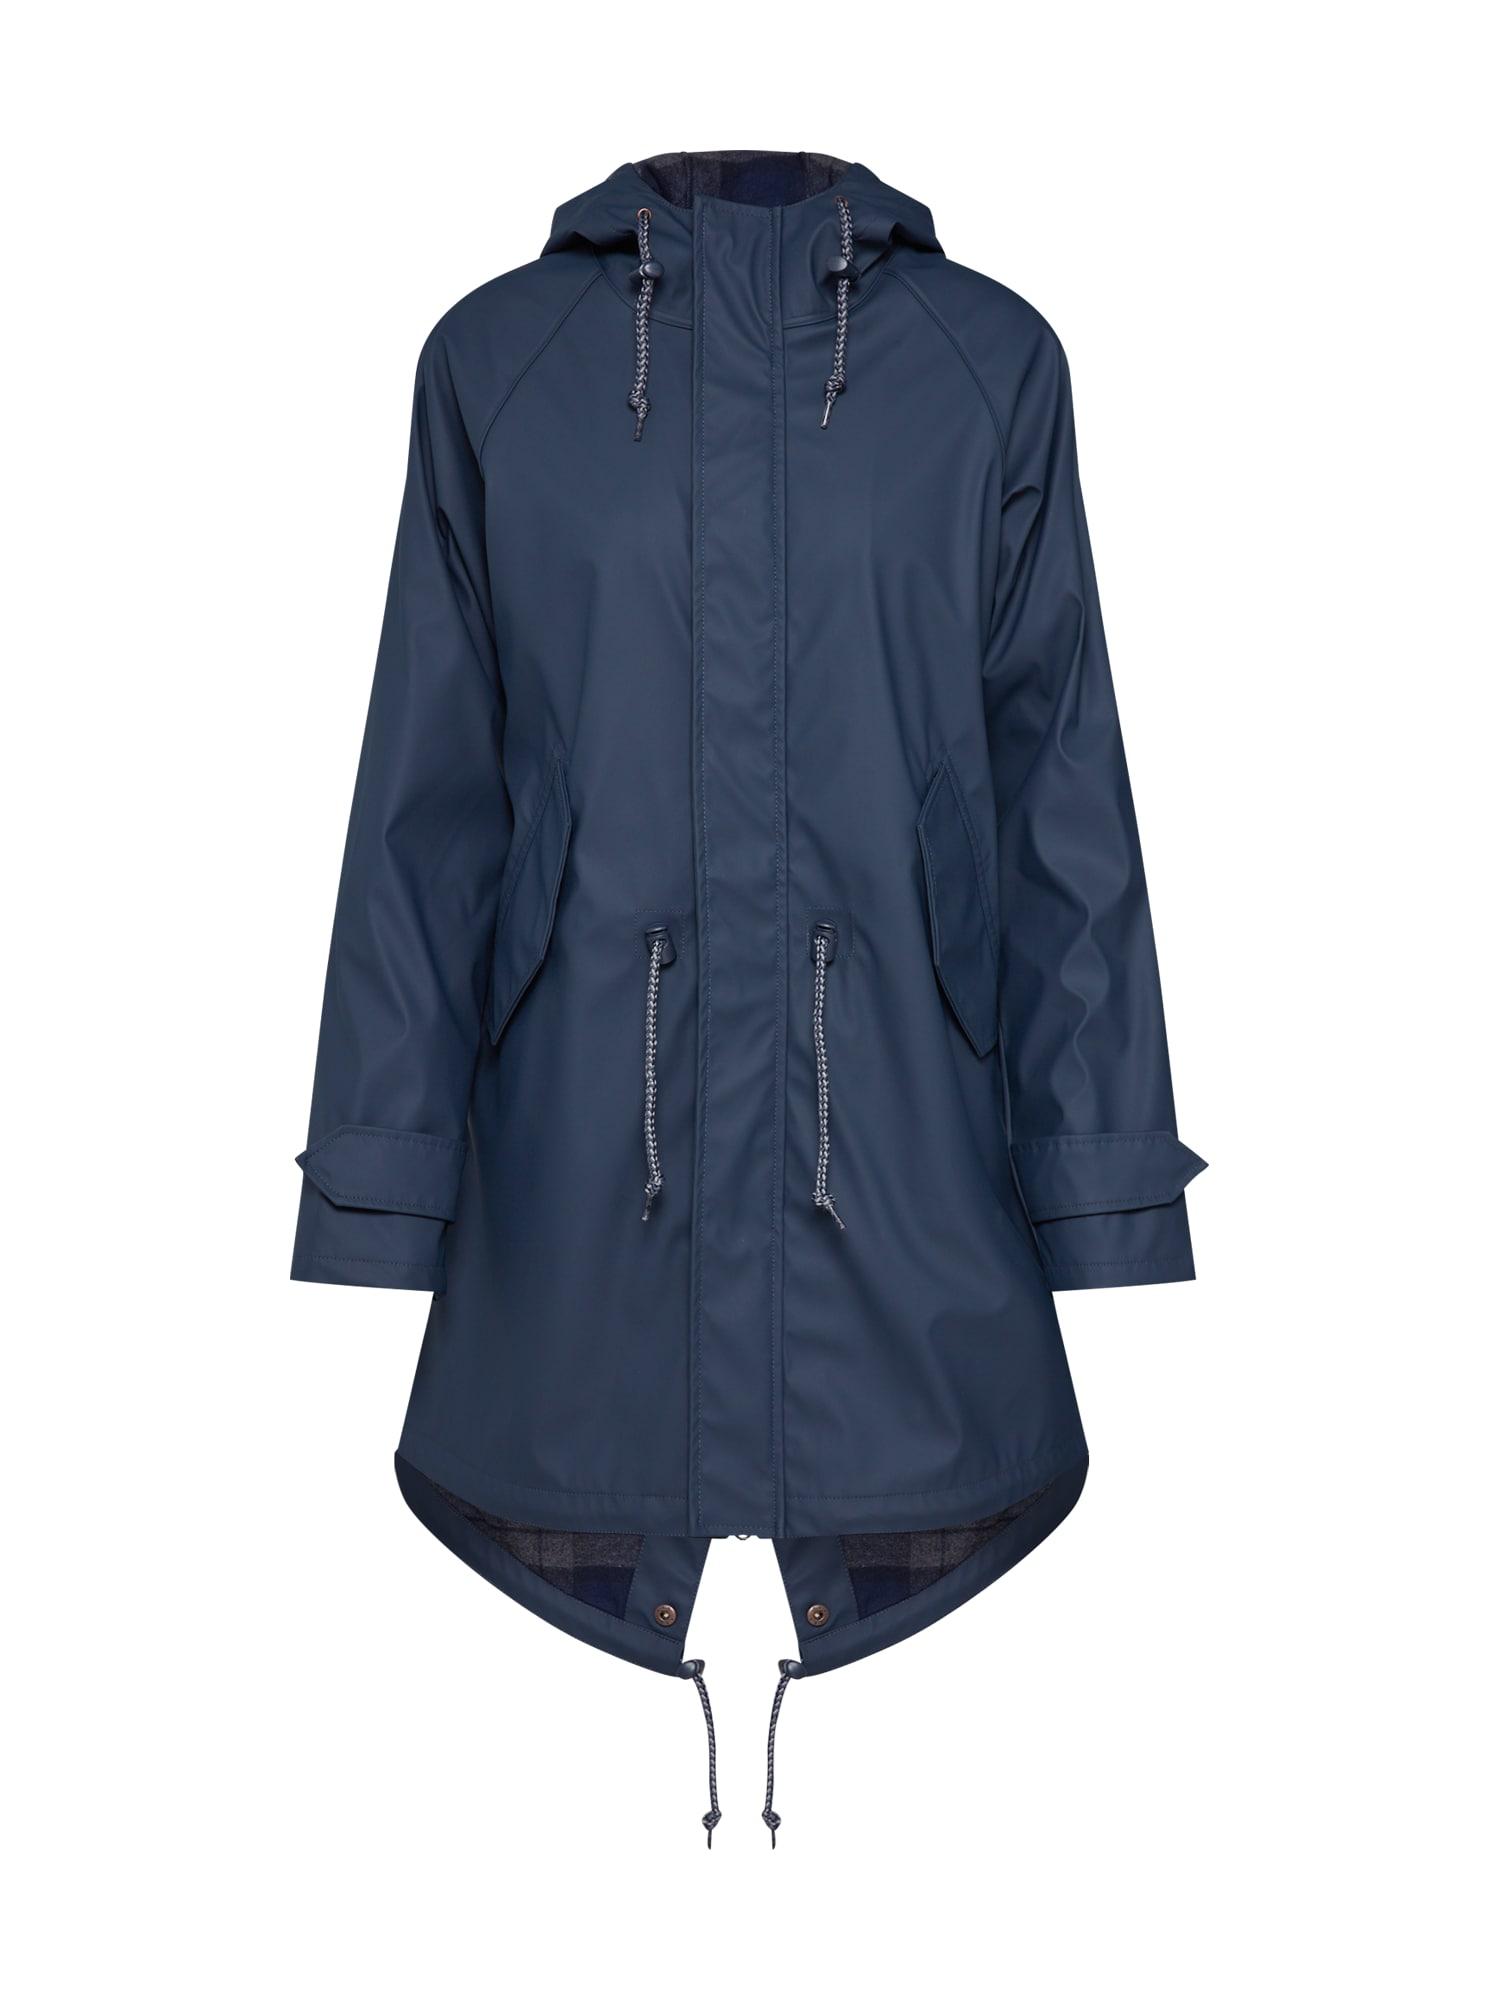 Přechodný kabát Travel Friese Check Girls námořnická modř Derbe